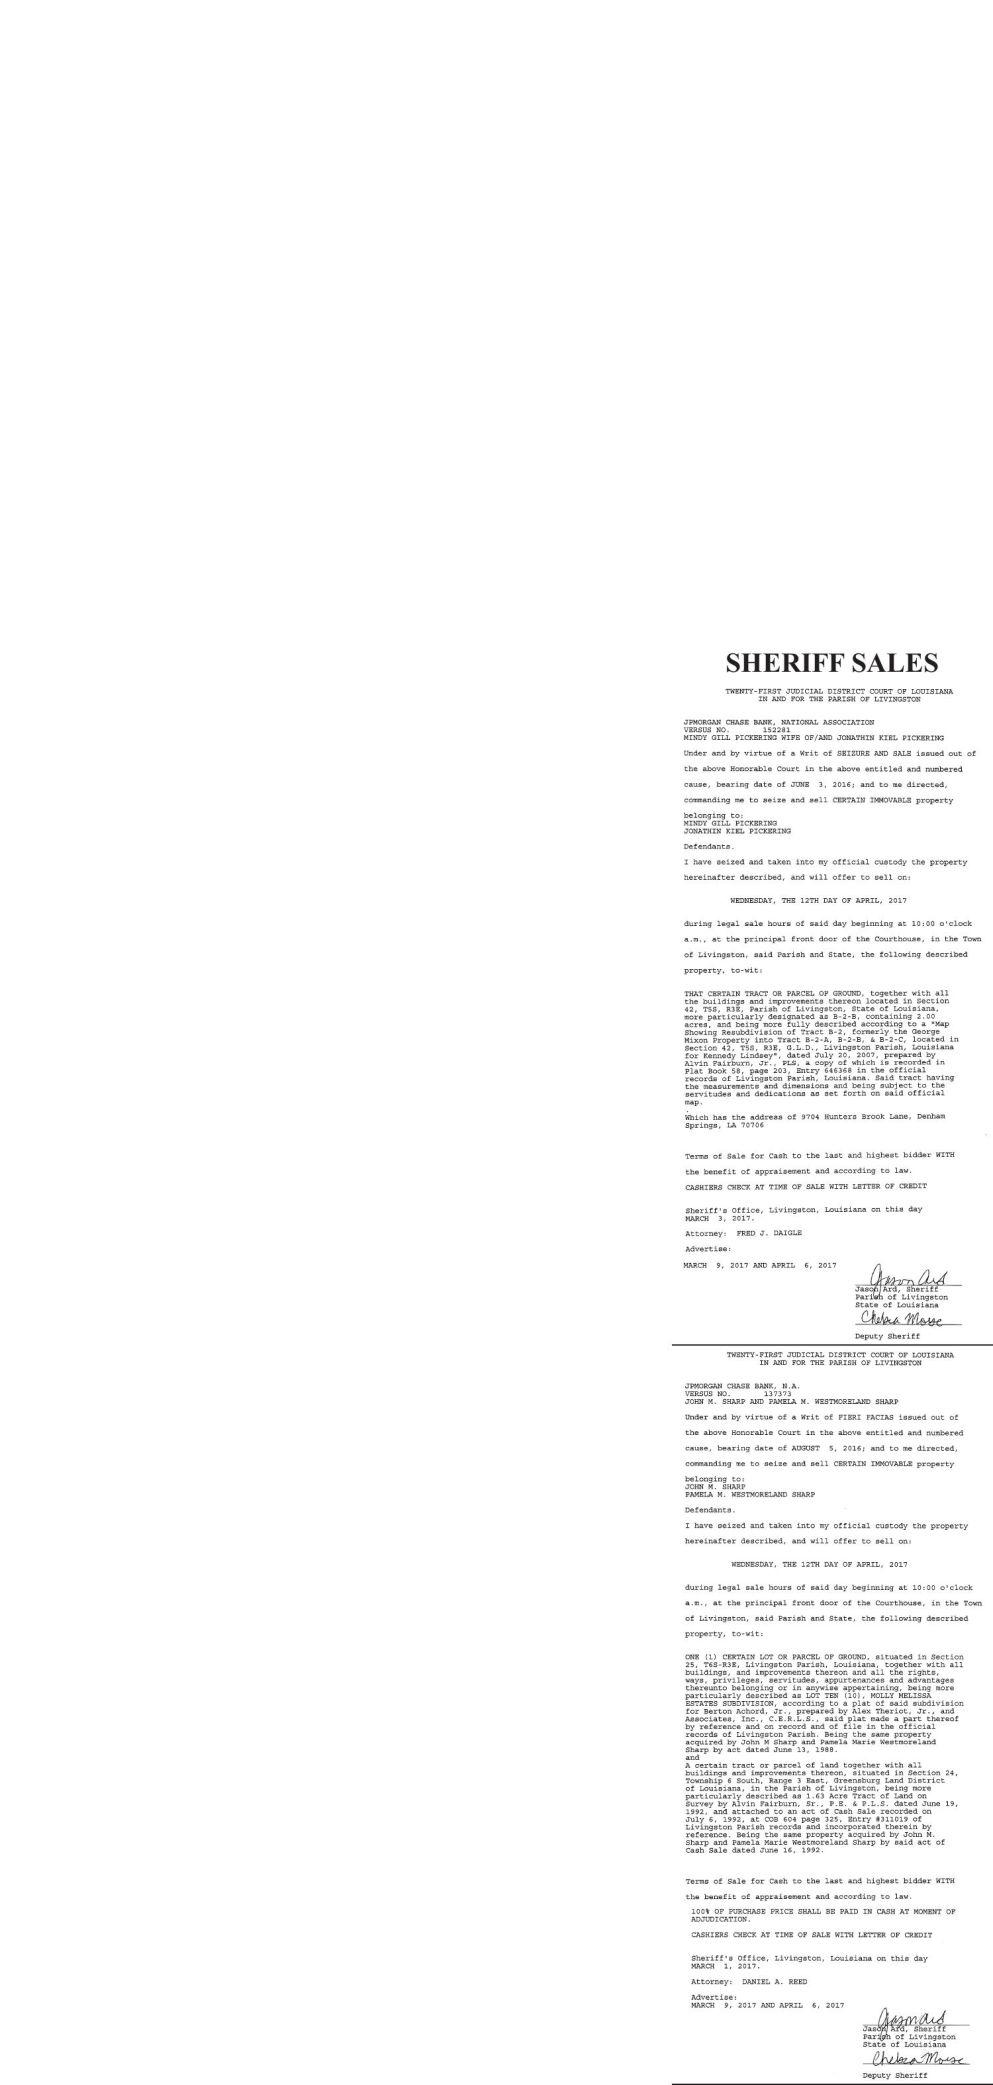 Public Notices published April 6, 2017